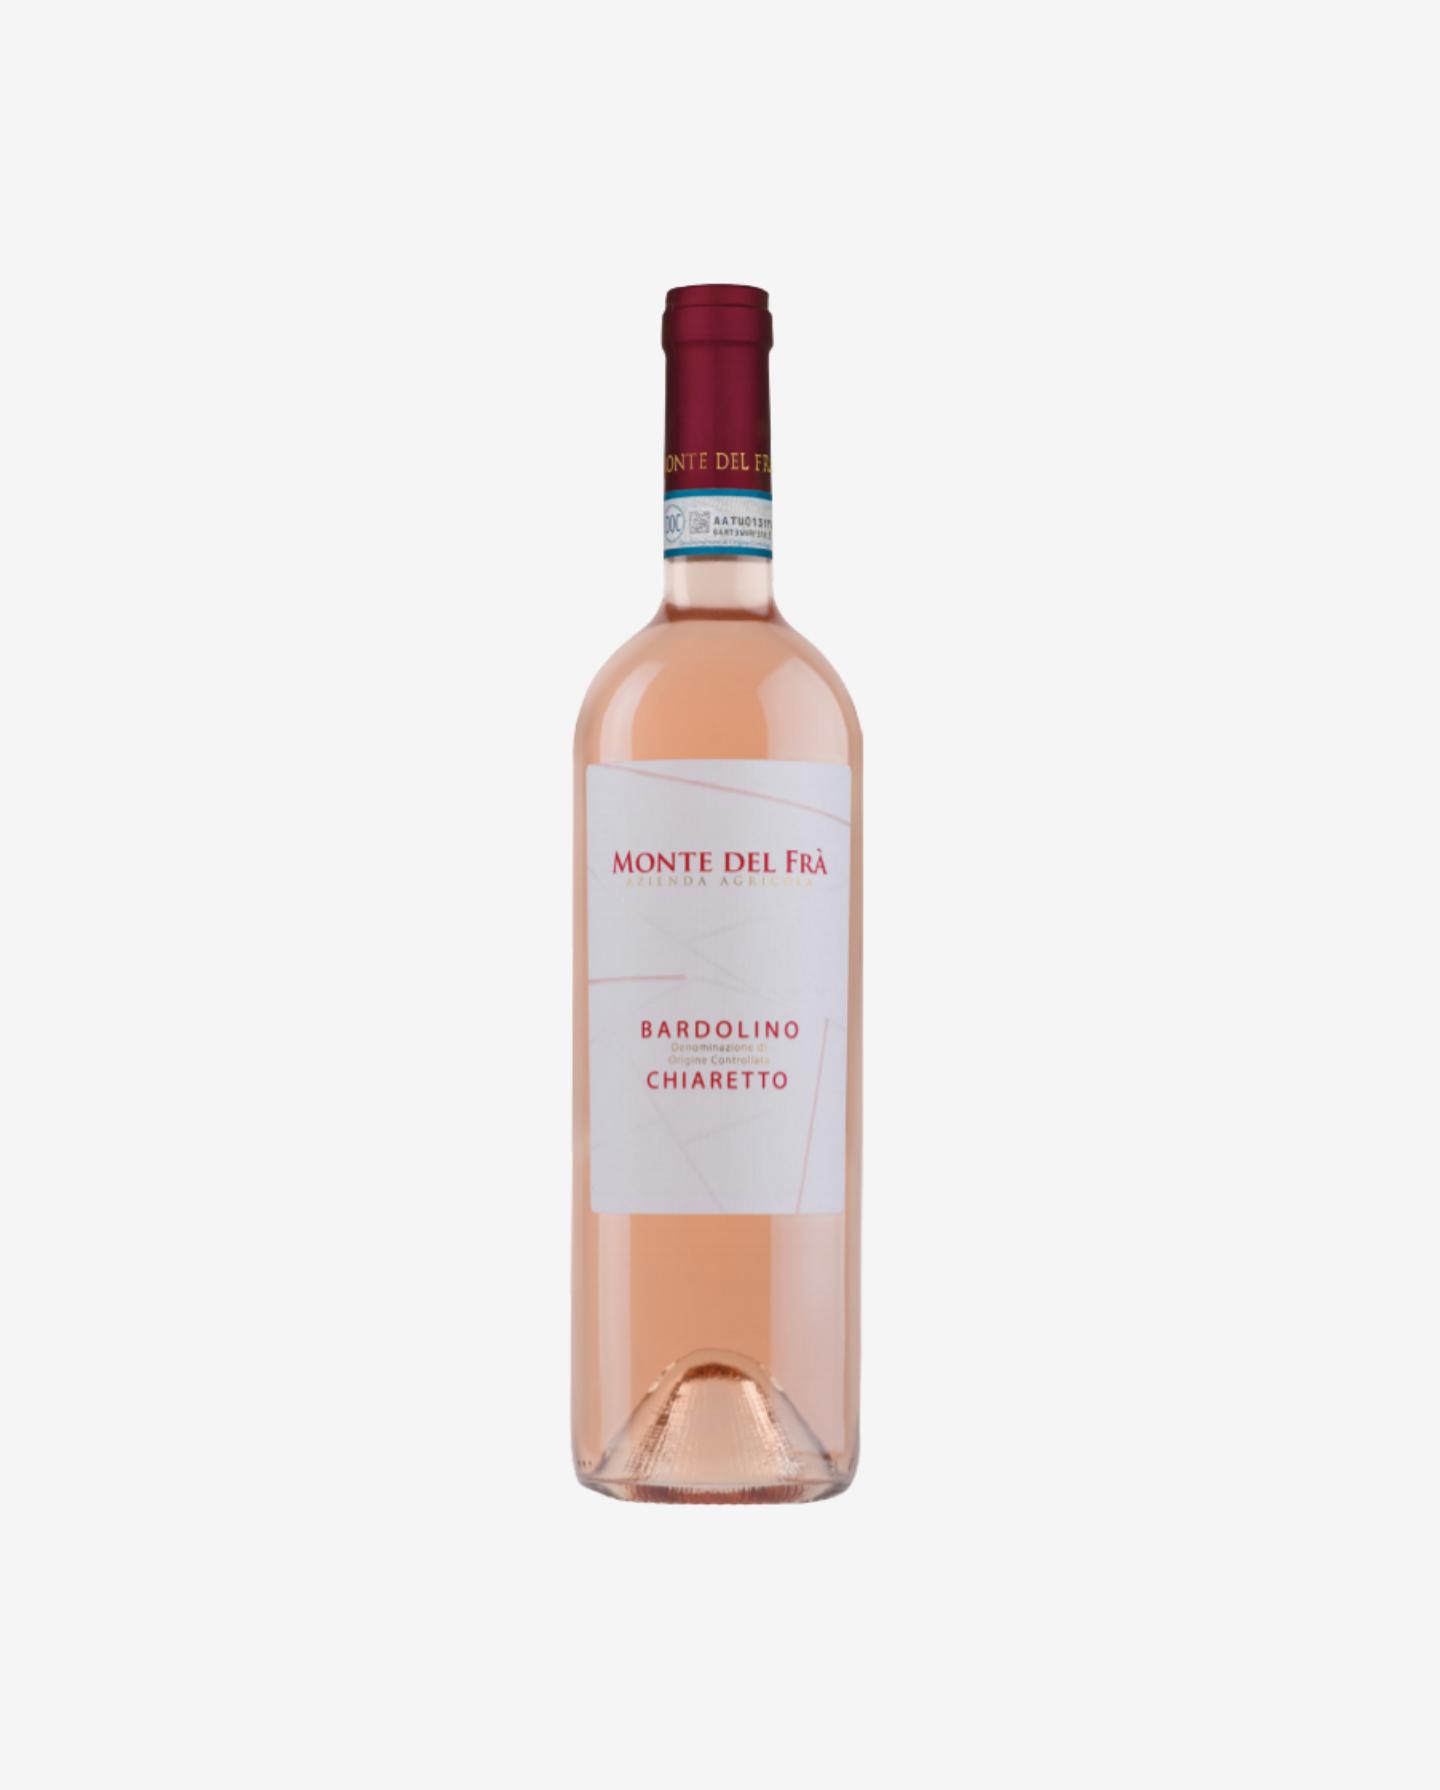 Bardolino Chiaretto Rosé, Monte del Frŕ 2019